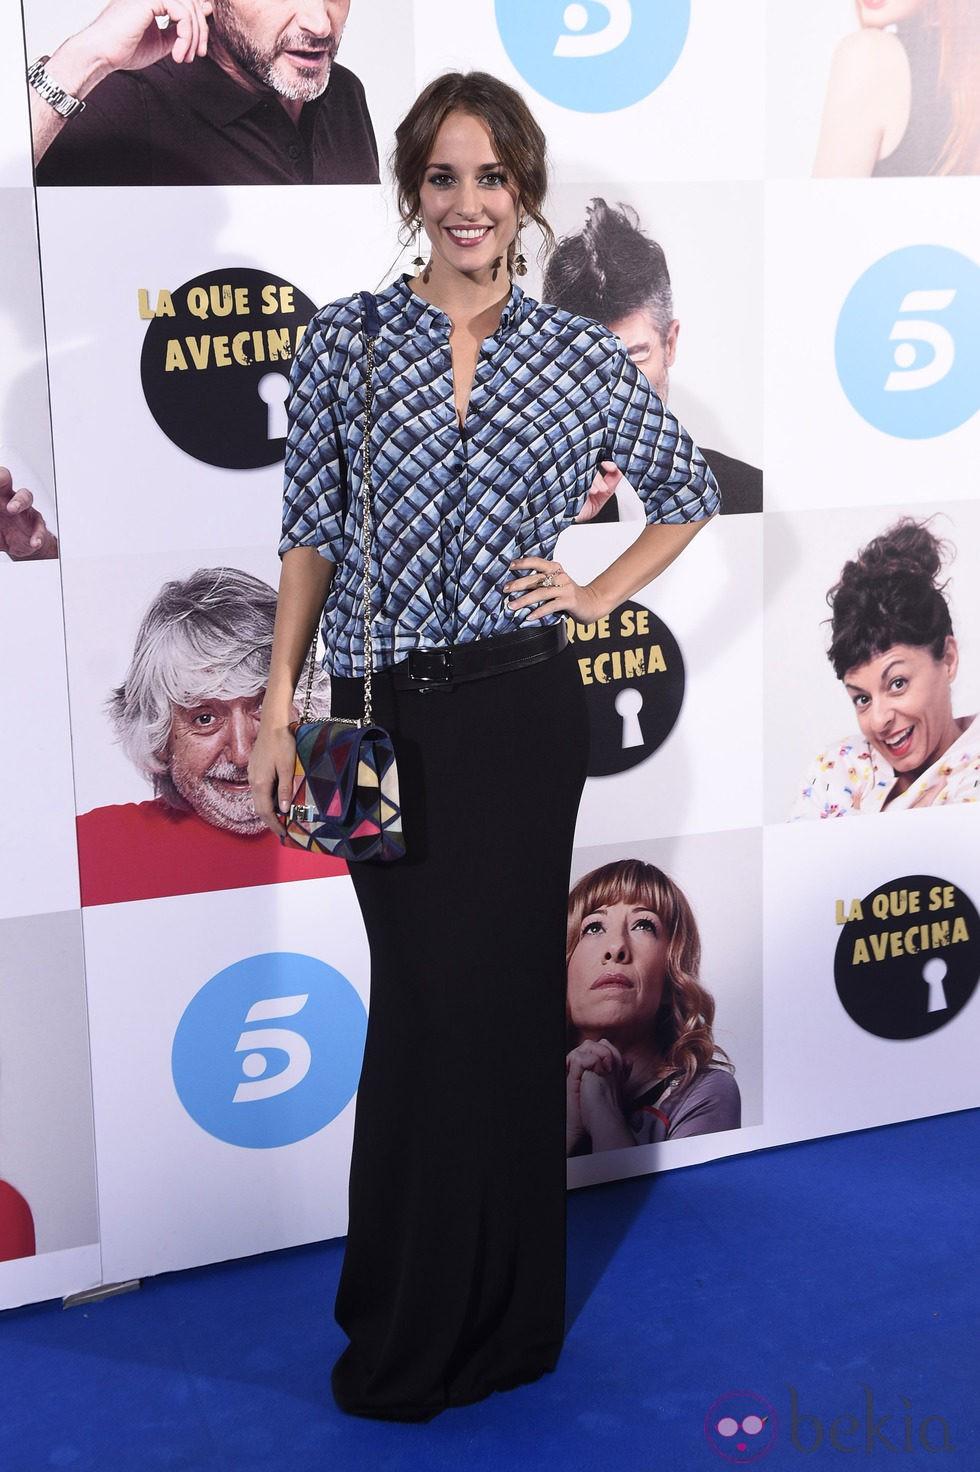 Silvia Alonso en el estreno de la octava temporada de 'La que se avecina'